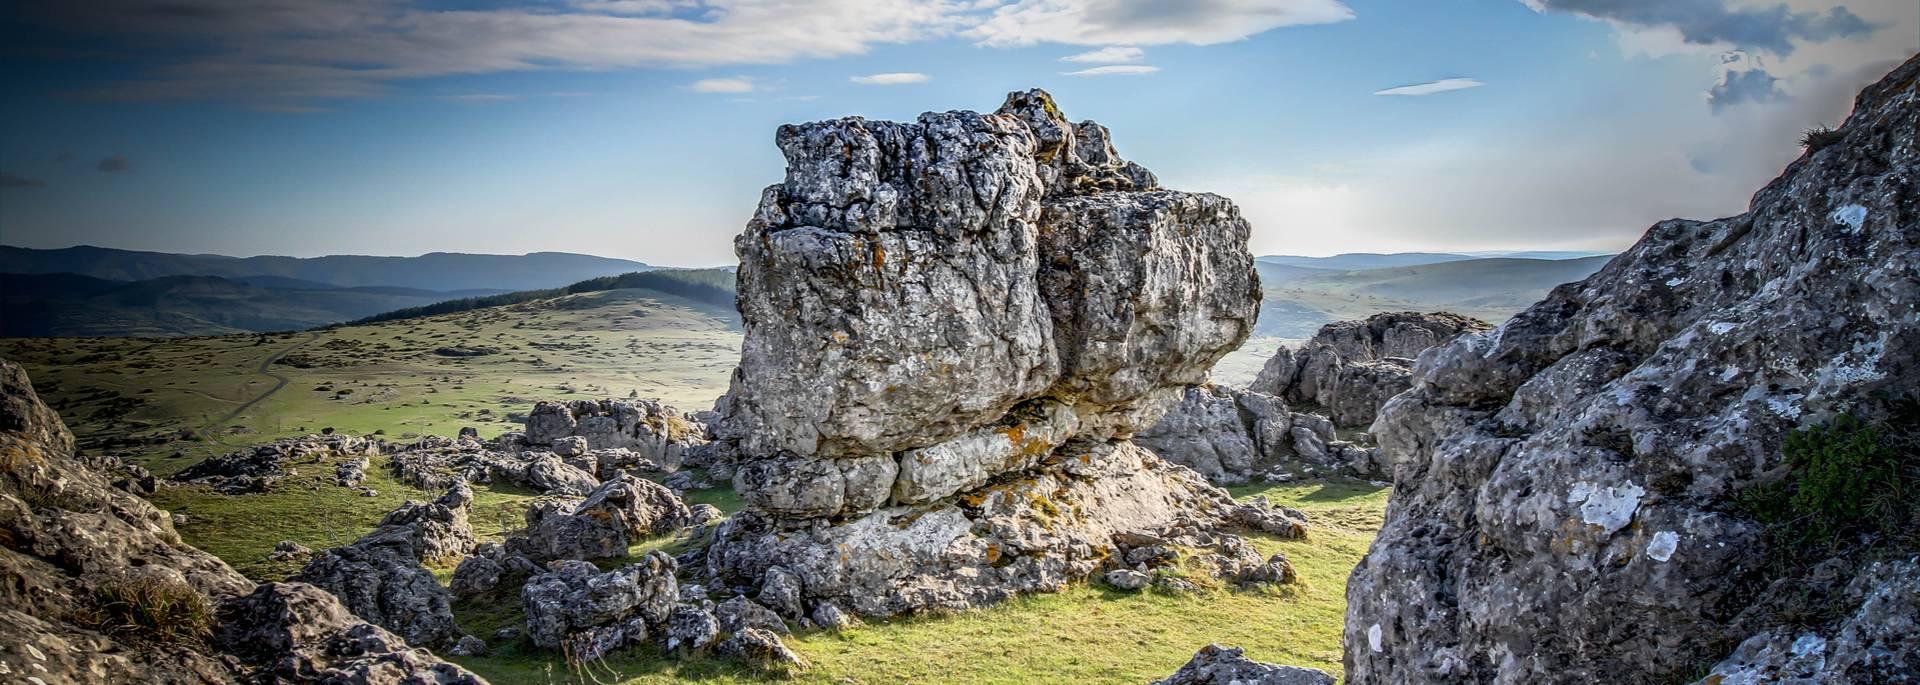 Chaos rocheux sur le Larzac